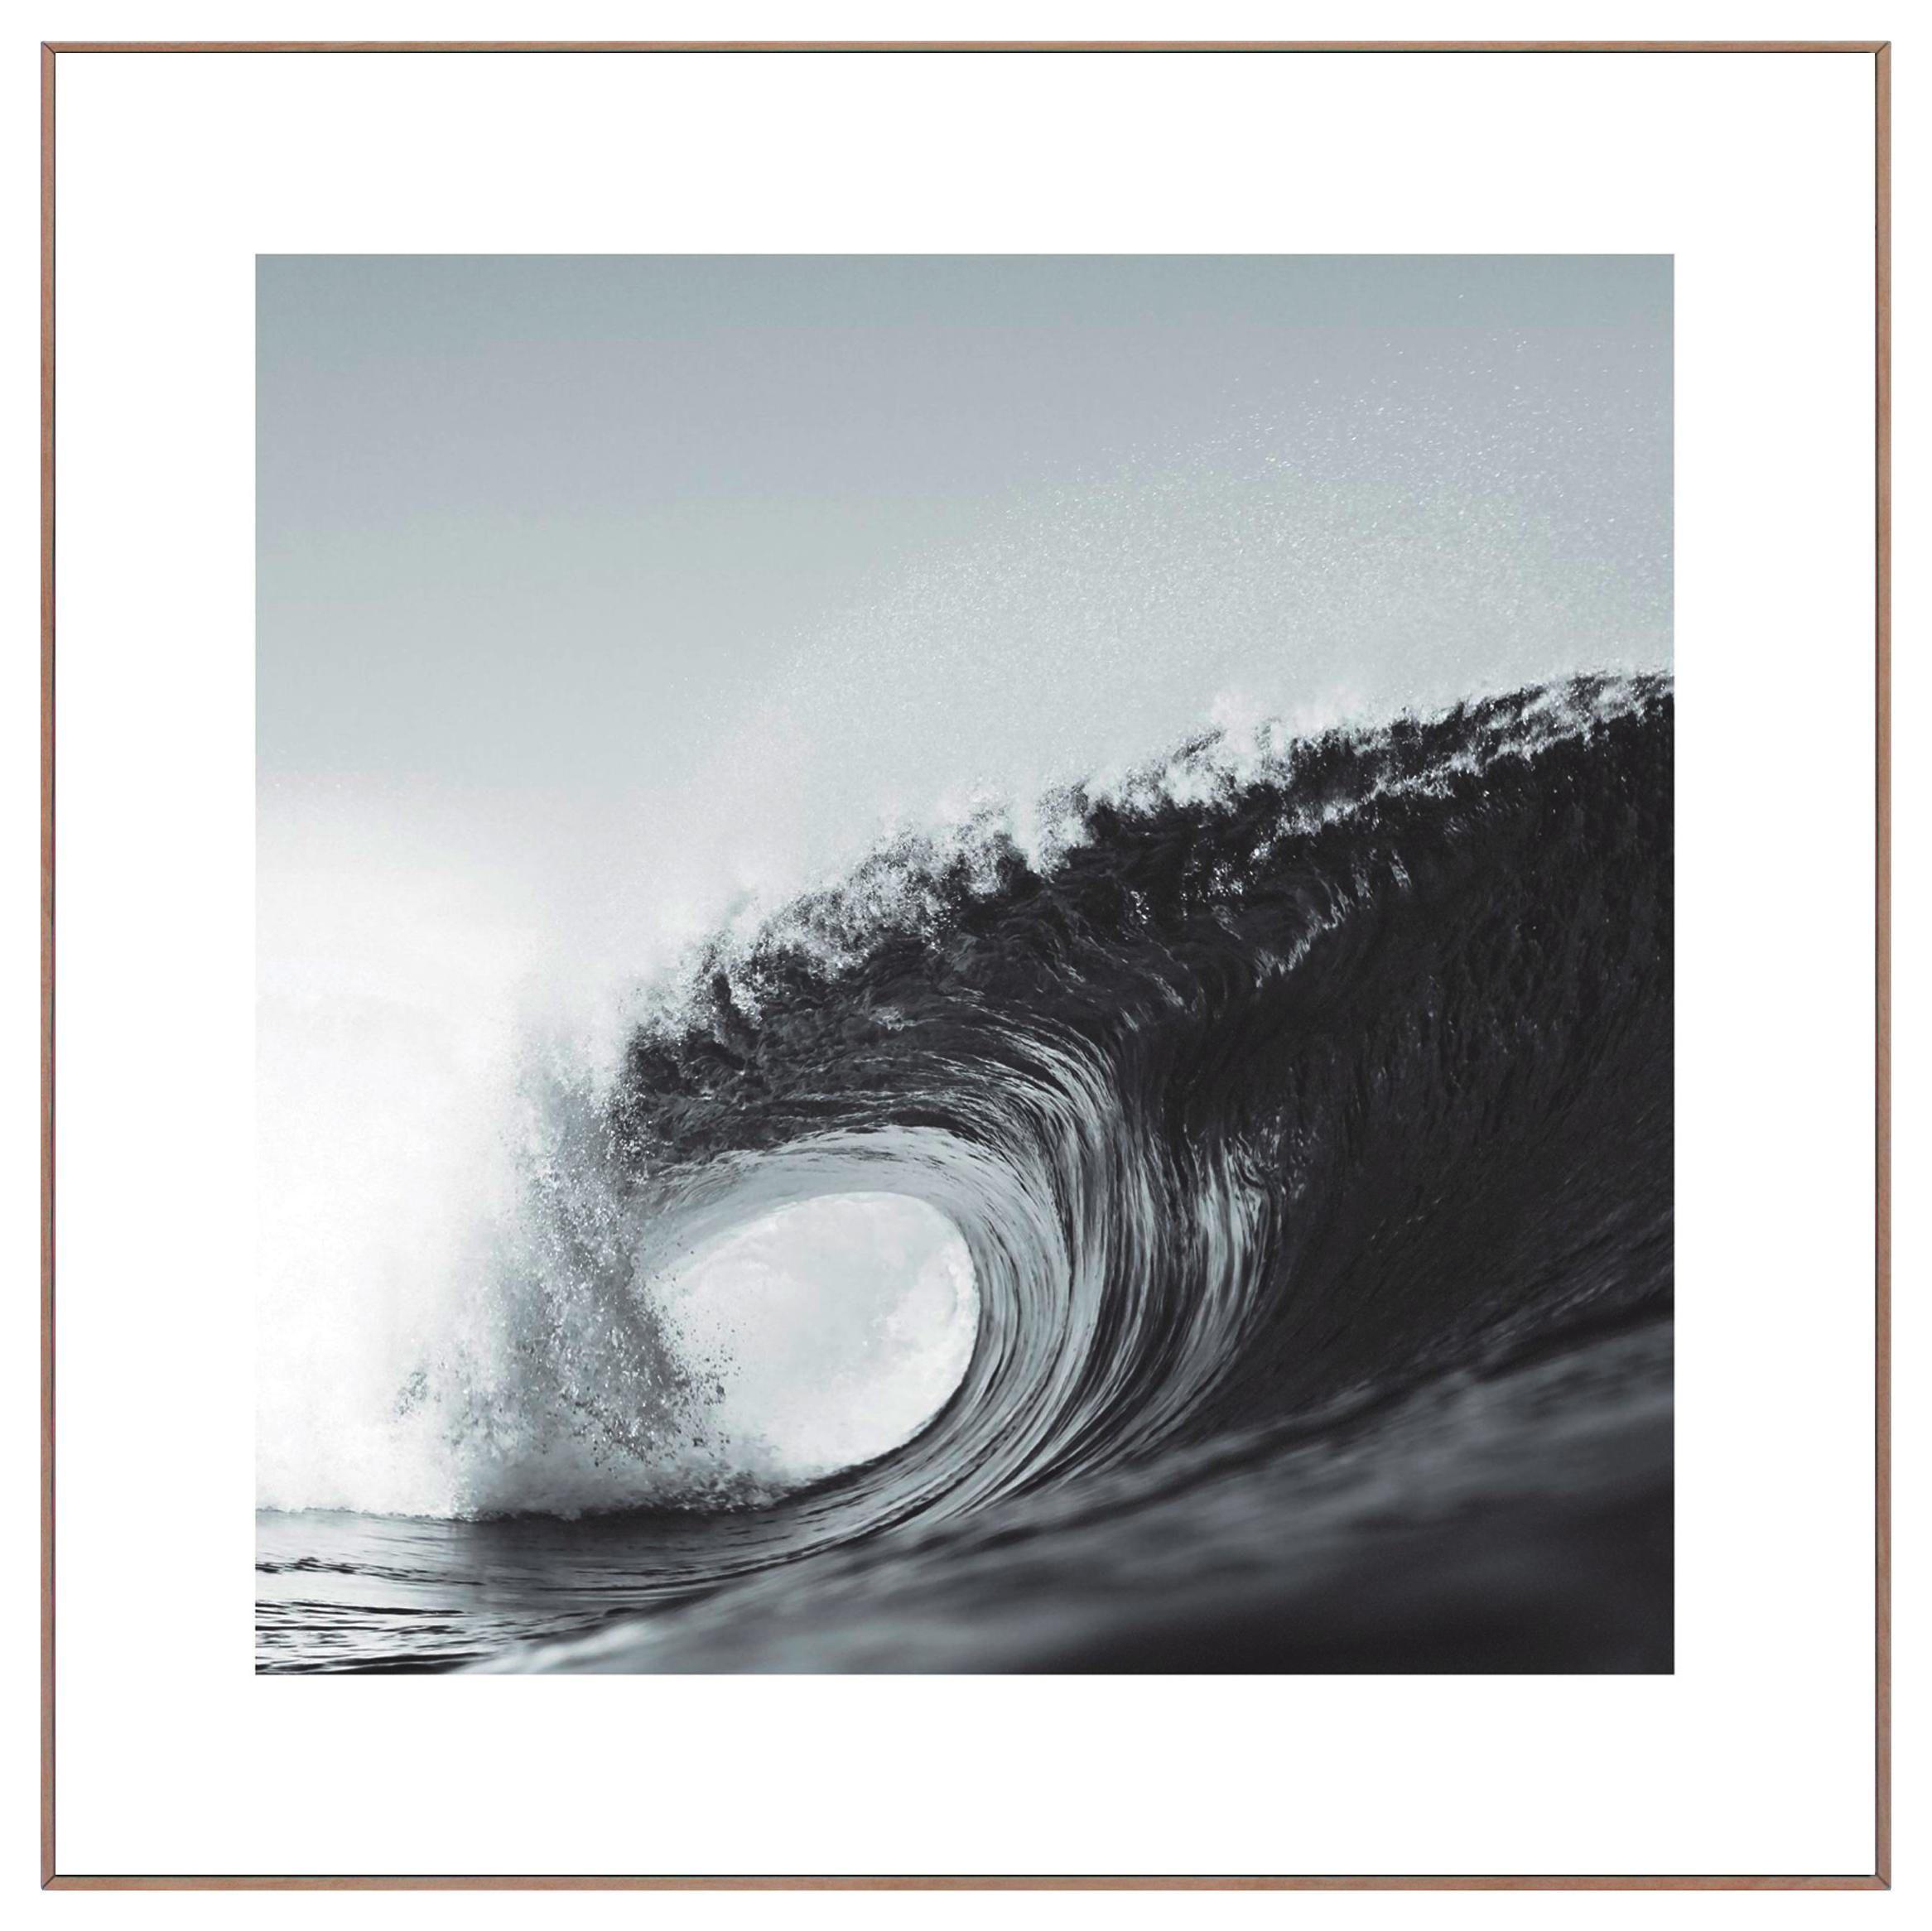 Bild Mit Natur Motiv Welle Im Meer In Schwarz Weiß Poster Schwarz Weiß Schwarzes Bild Tumblr Bilder Schwarz Weiß